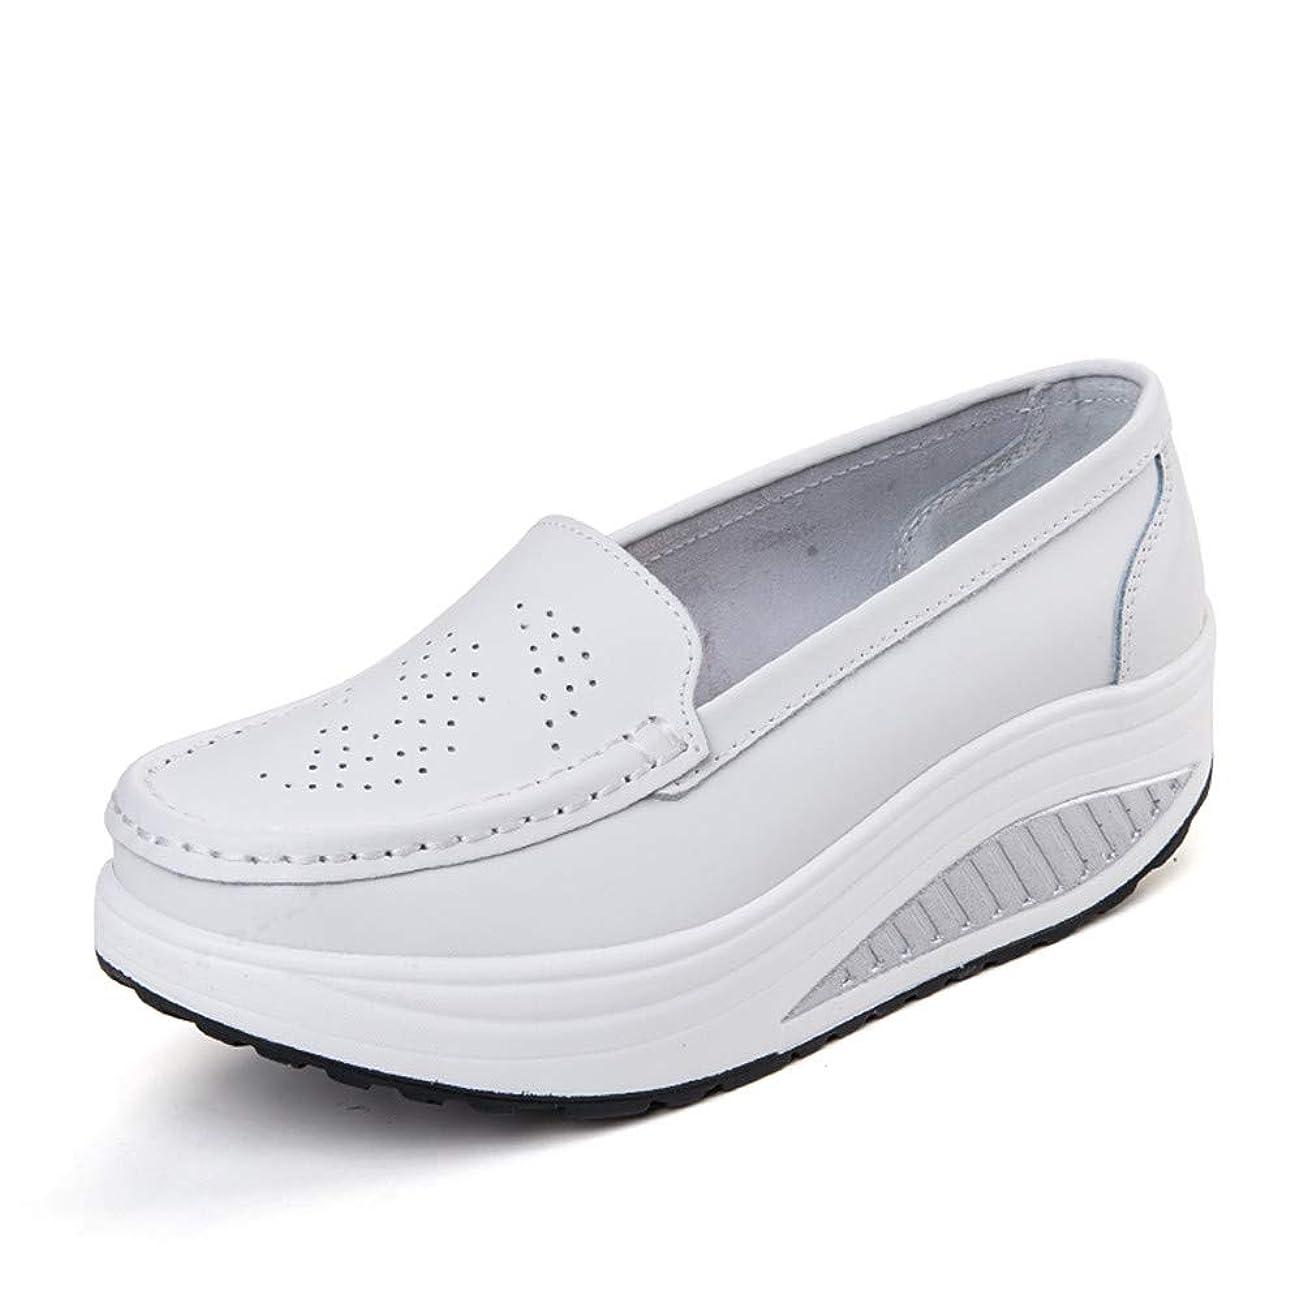 失速正確さ怖がって死ぬ[JOYTO] ダイエットシューズ 船型底 ナースシューズ レディース ウォーキングシューズ 5CM 厚底スニーカー 姿勢矯正 看護師 作業靴 安全靴 作業靴 軽量 歩きやすい 疲れない 婦人靴 厚底シューズ